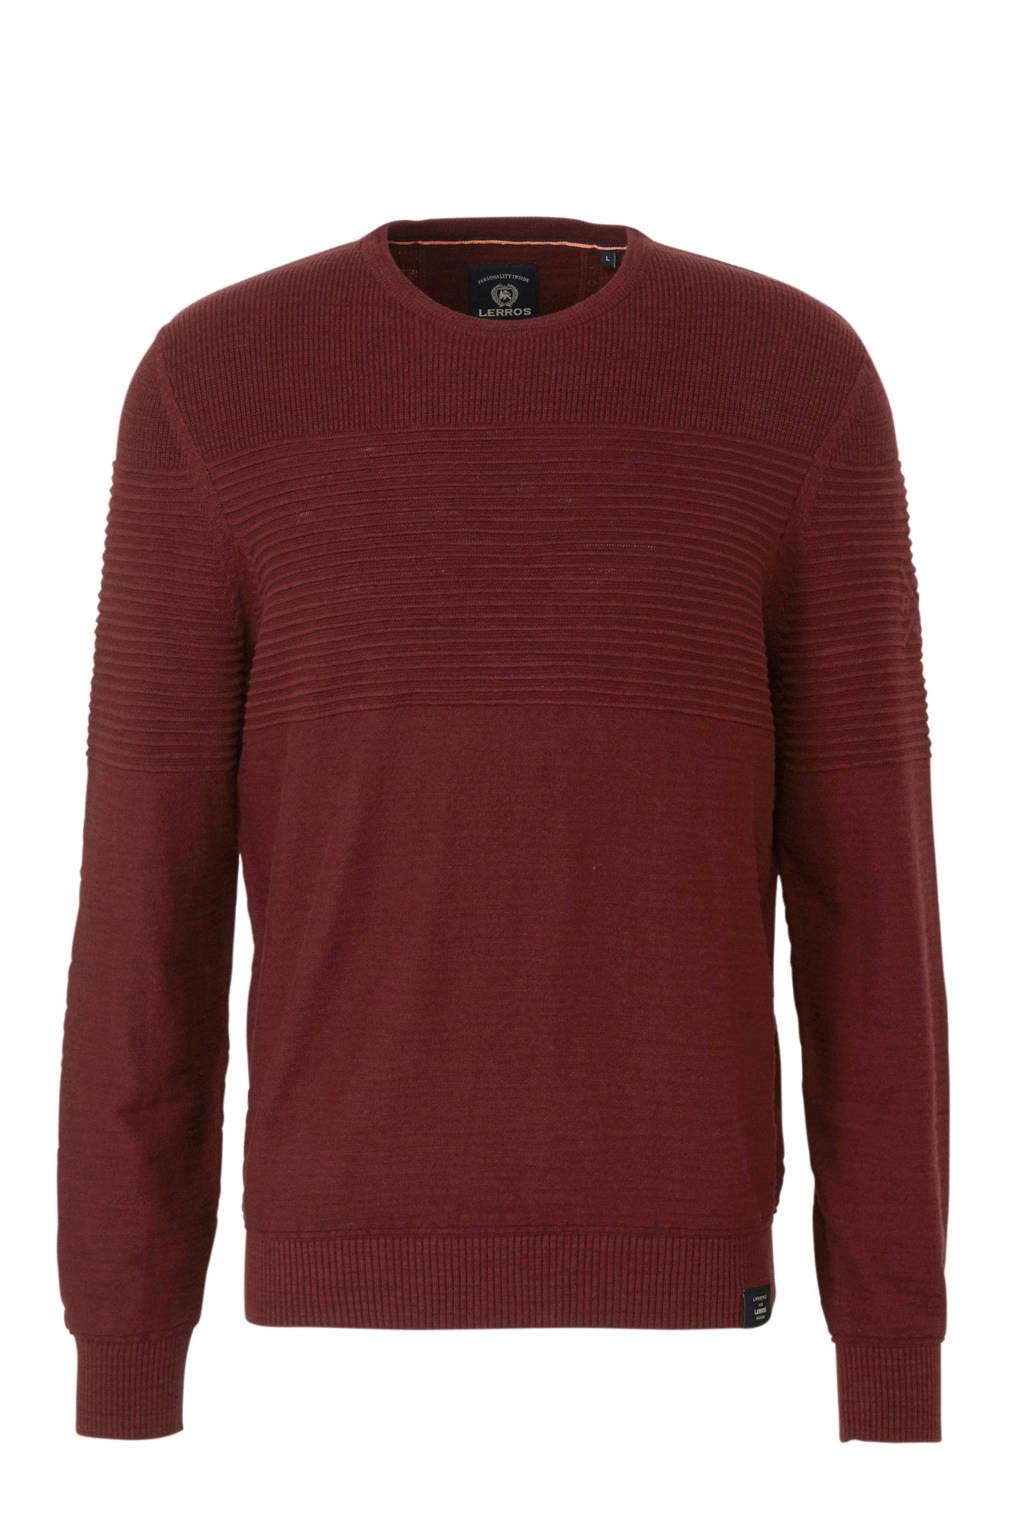 LERROS trui met textuur donkerrood, Donkerrood